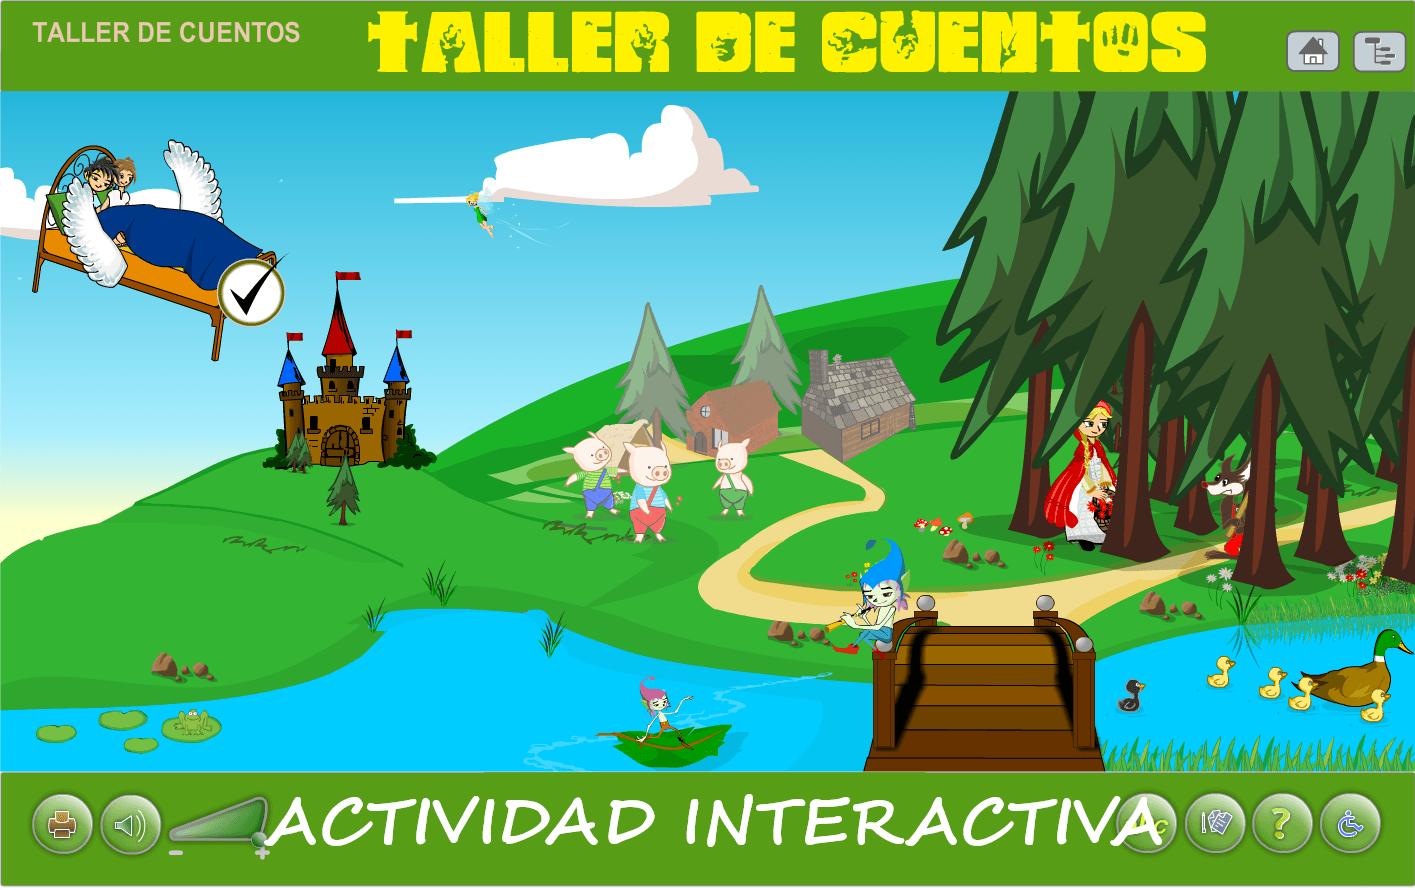 TALLER DE CUENTOS. ACTIVIDAD INTERACTIVA ONLINE